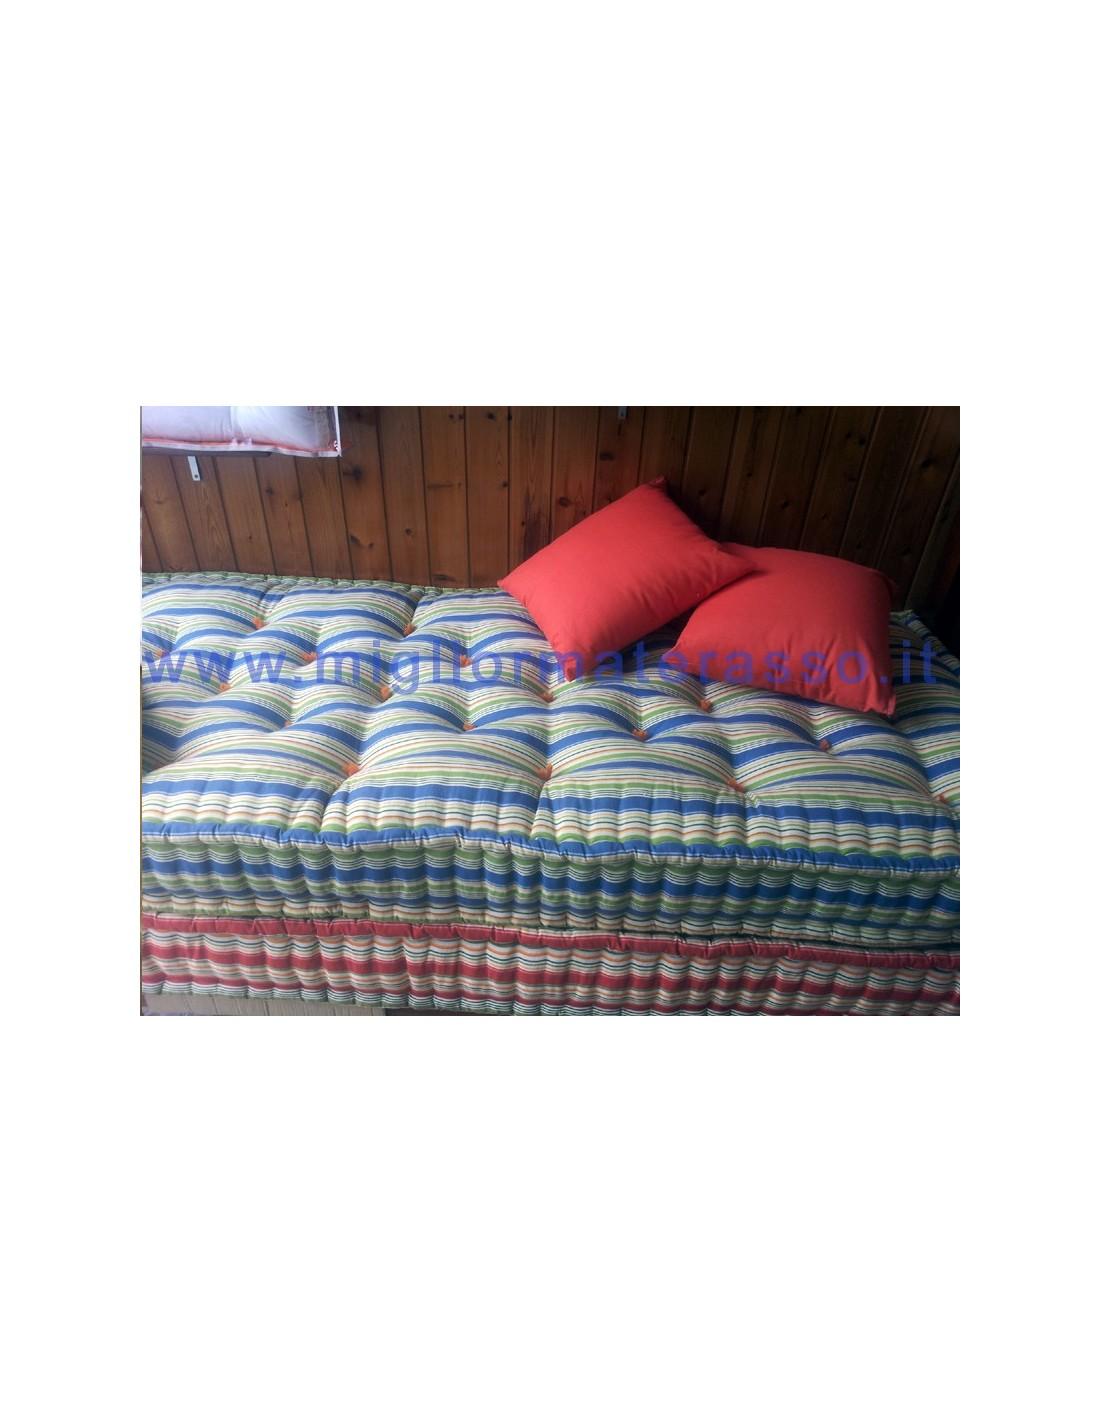 Materassi per divano come cuscini colorati ad uso letto - Divano con materassi ...